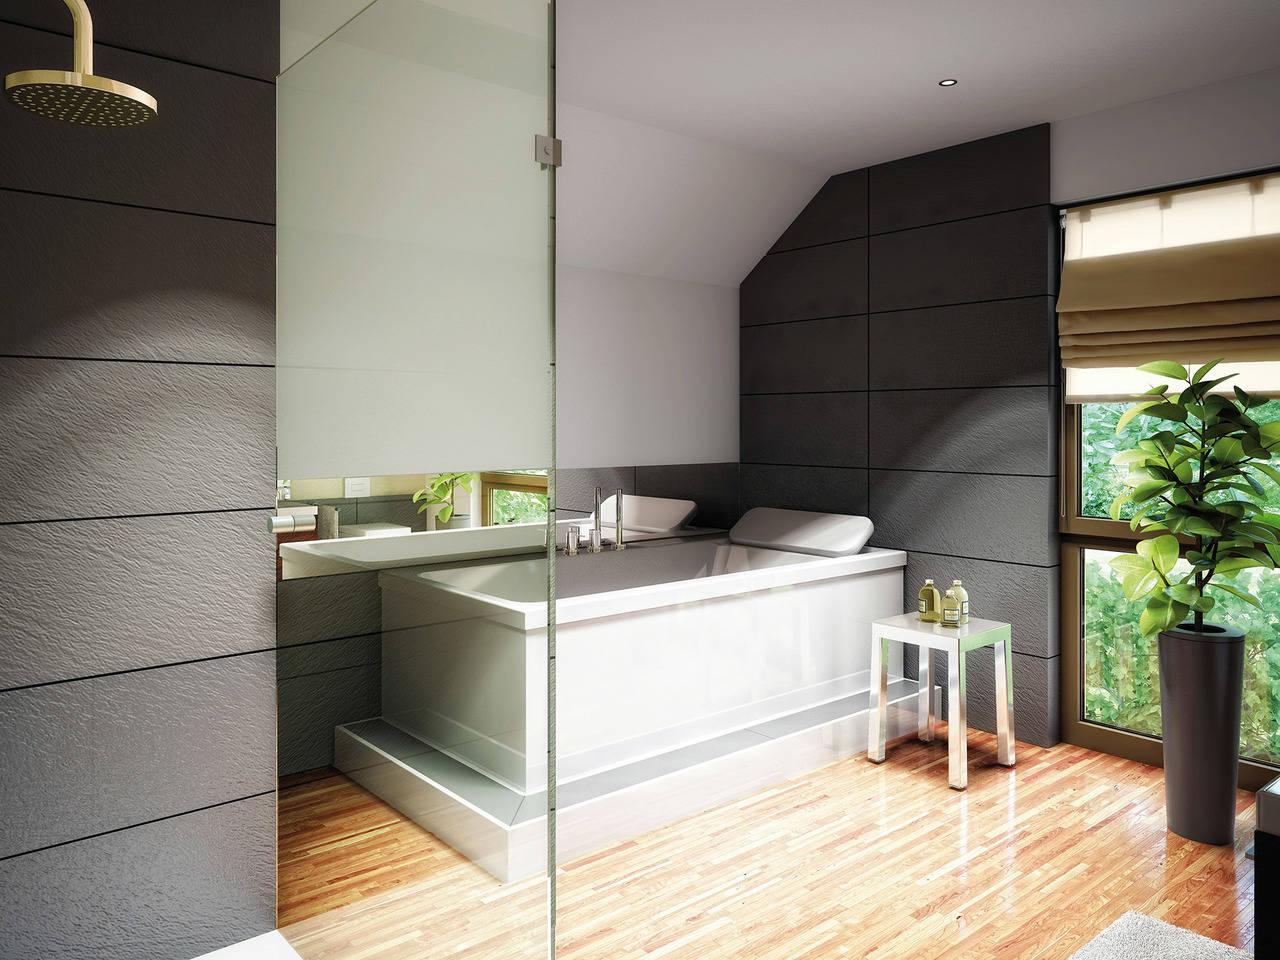 Haus SOLUTION 134 V9 Badezimmer von Living Haus